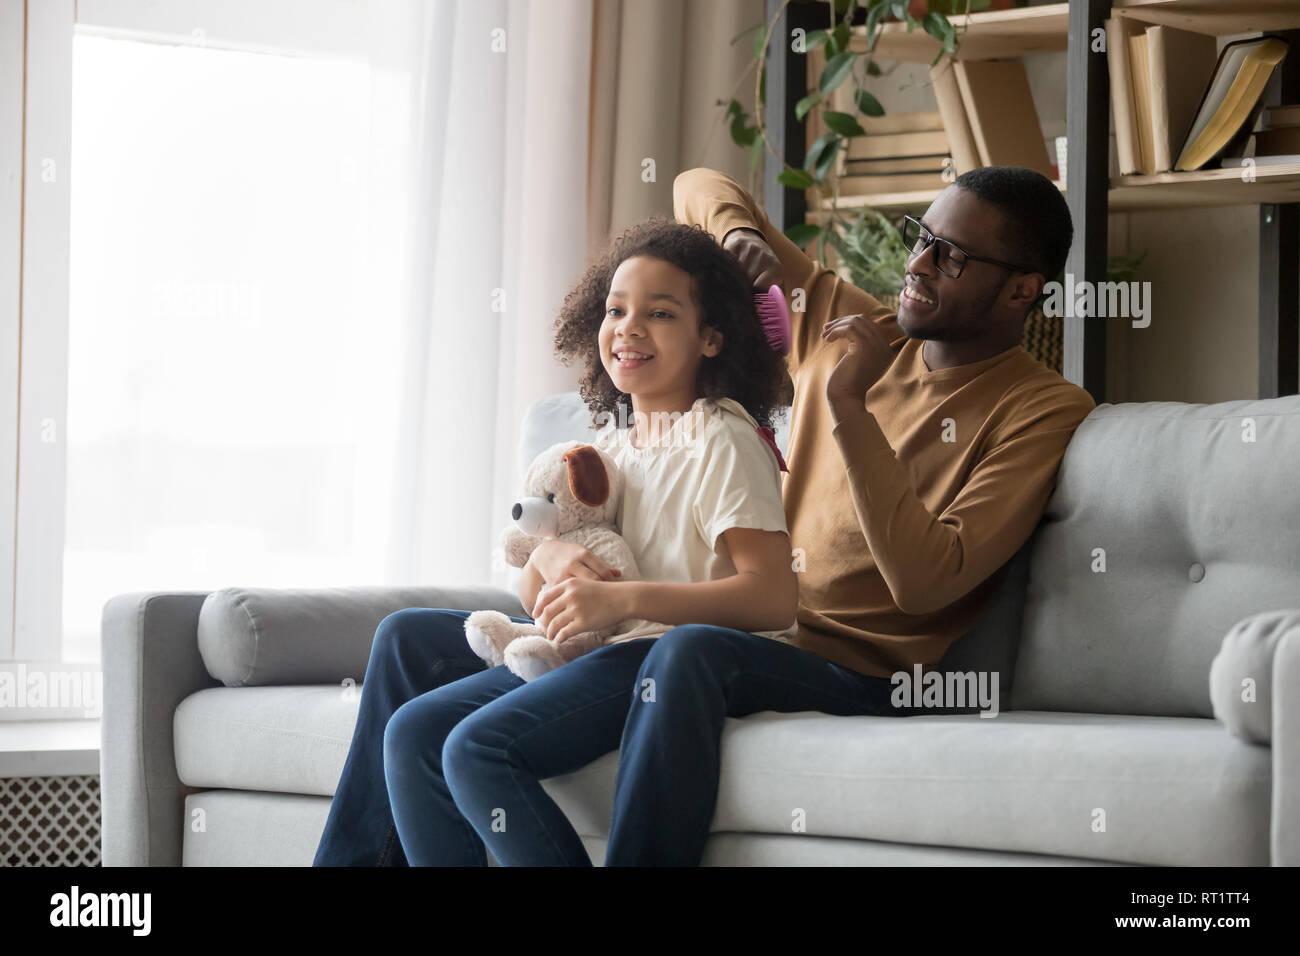 Brossage des cheveux africains papa faisant de daughter sitting on sofa Banque D'Images